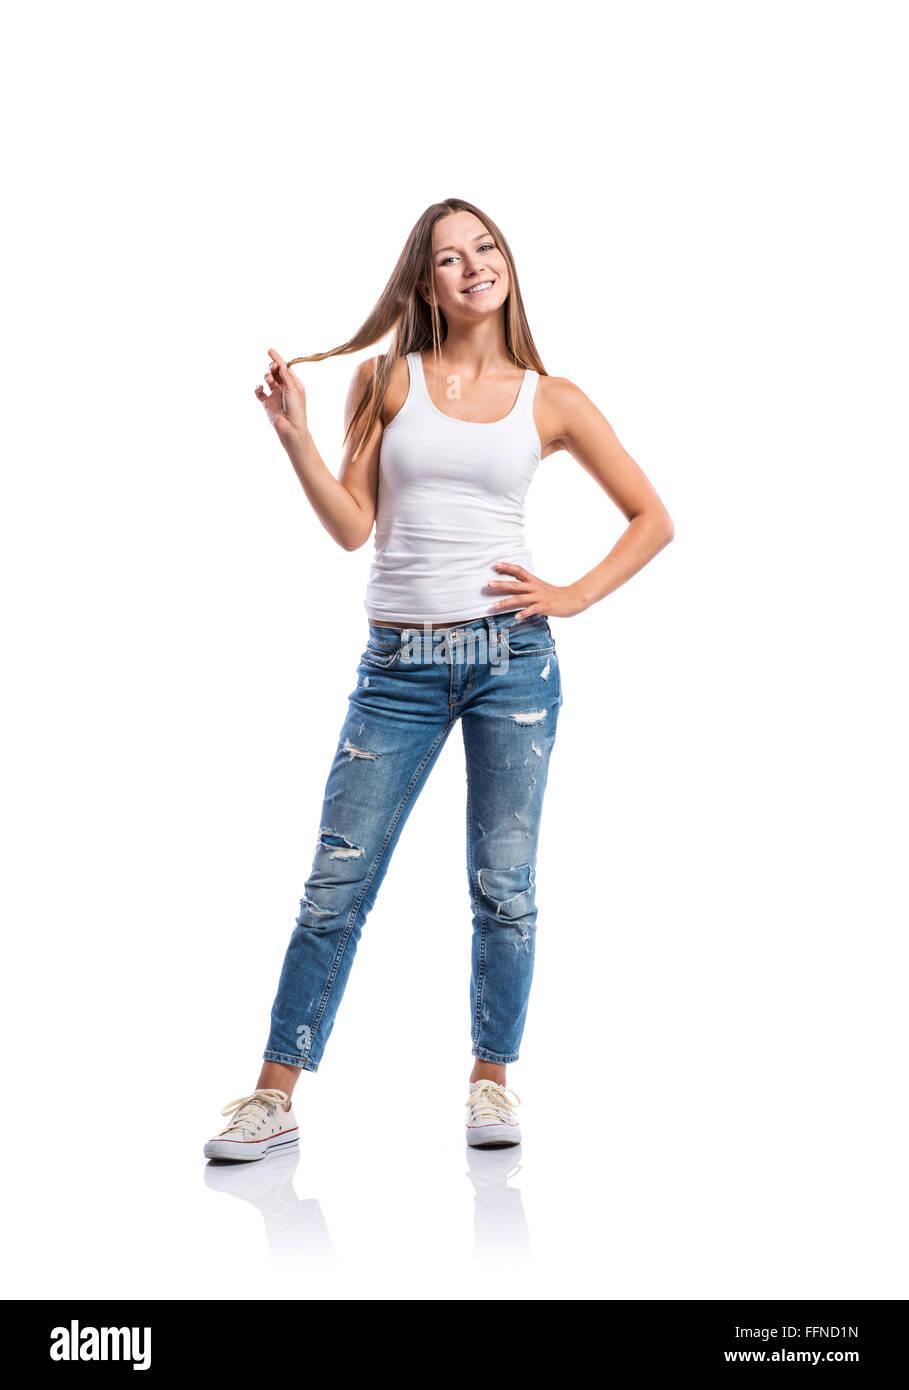 fe16060396b3 Frau in Jeans und weißes Unterhemd wirbelnd Haar, isoliert Stockfoto ...